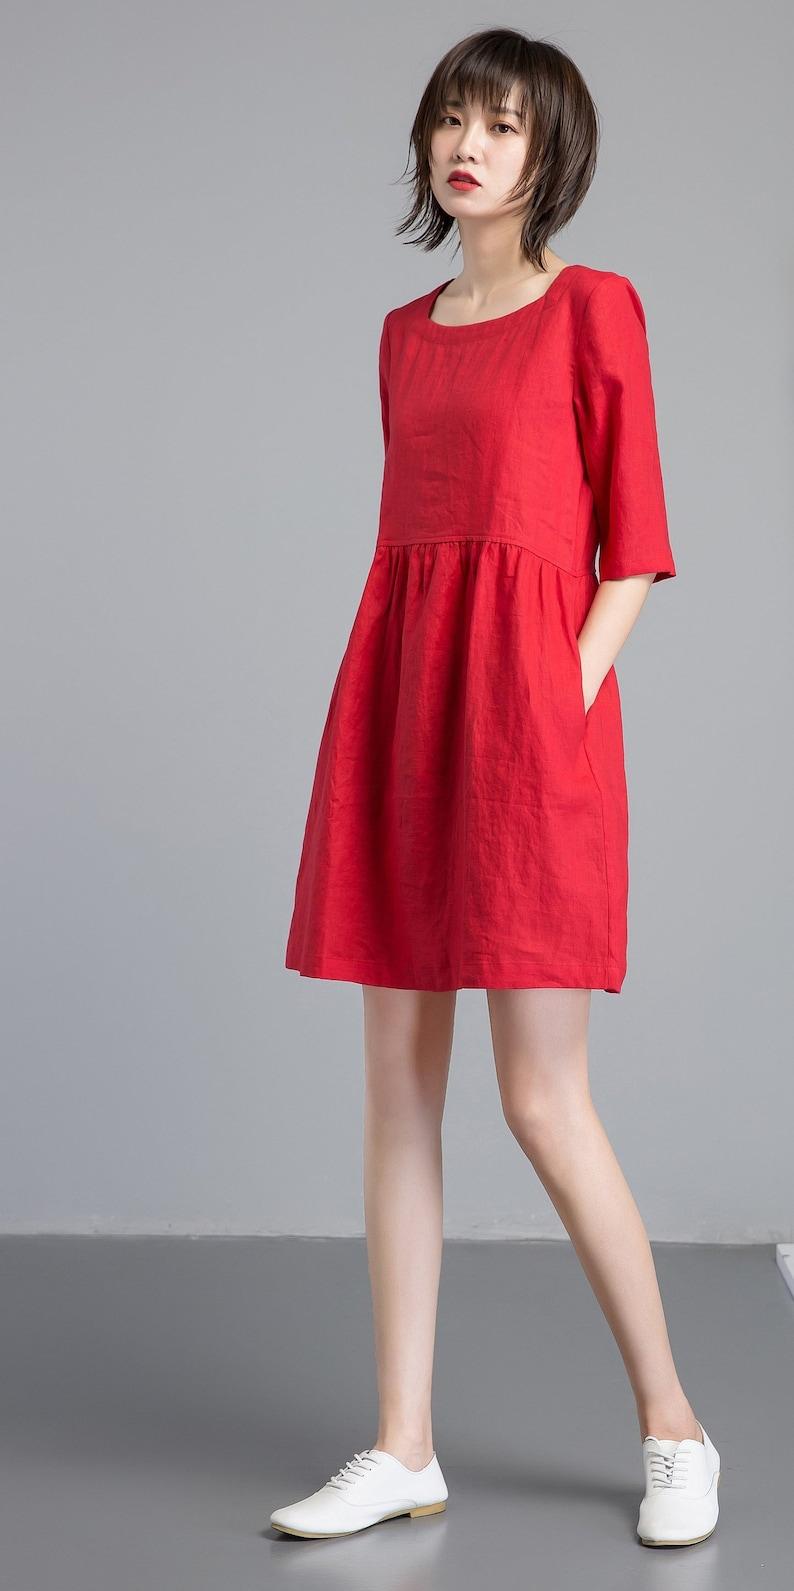 fc241a6b6b3 Shift dress Linen simple dress Basic linen dress Loose